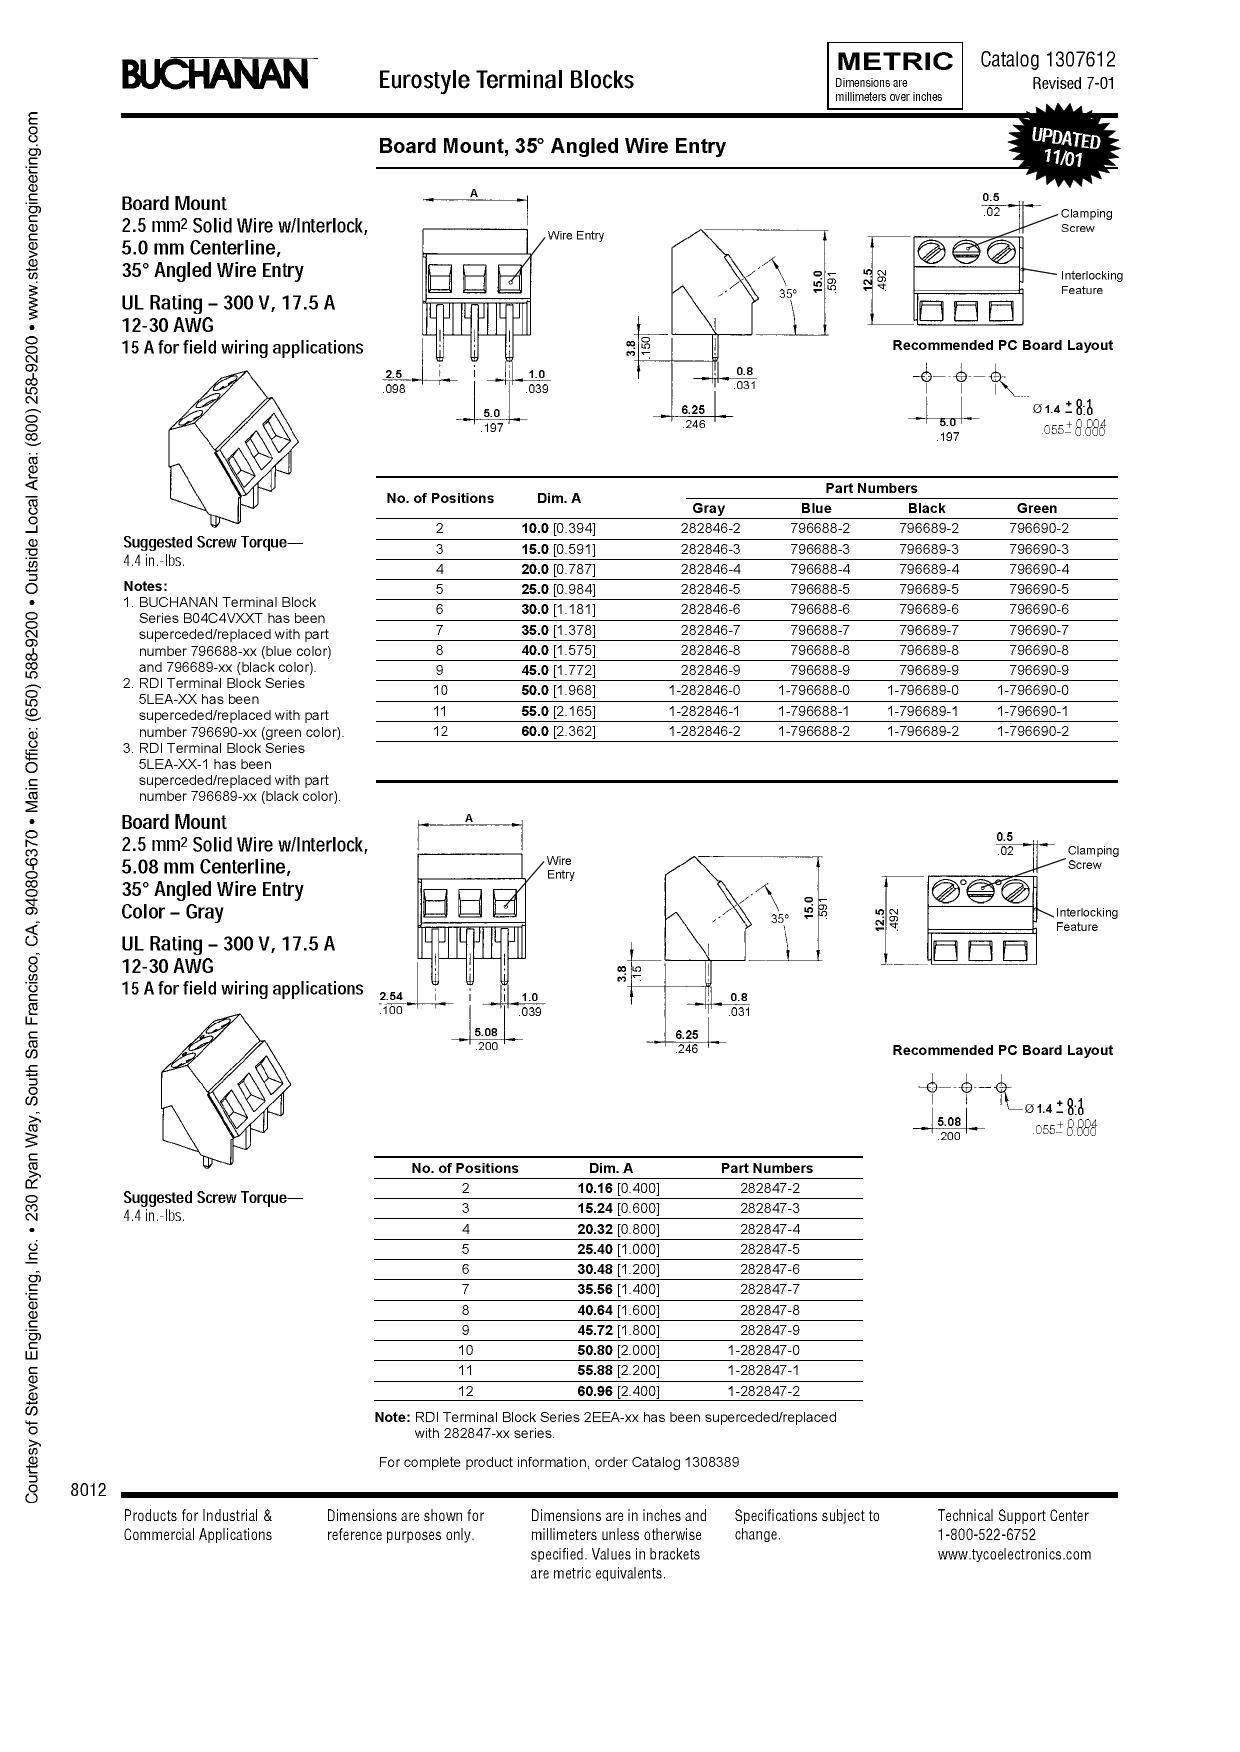 1-796689-0 даташит PDF